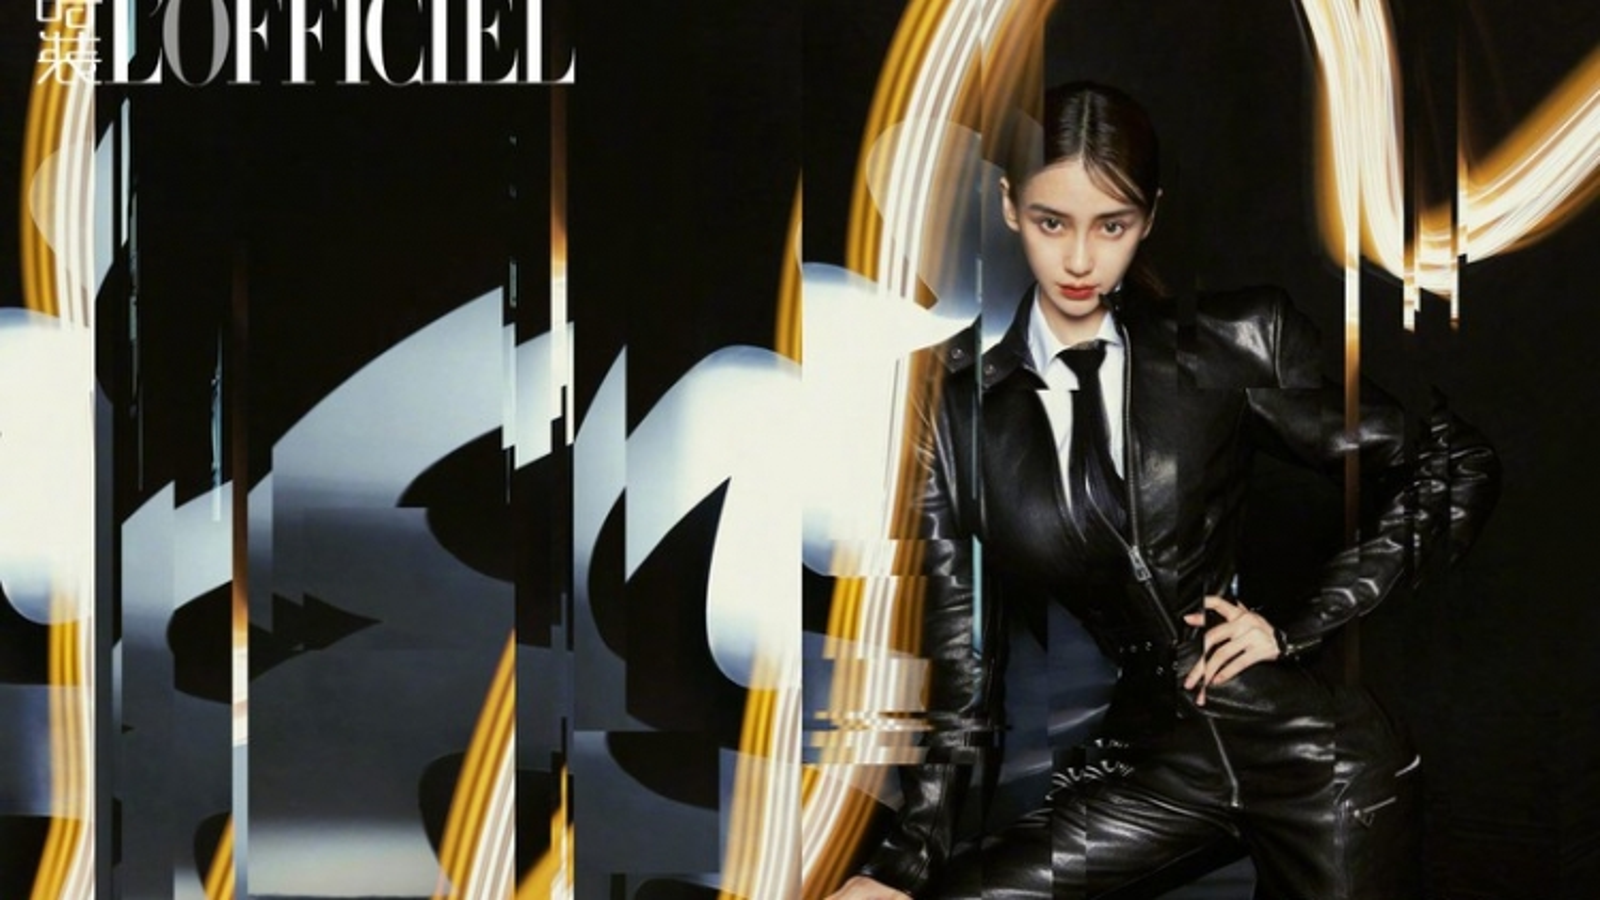 Angelababy đẹp ma mị, quyến rũ trong bộ ảnh tạp chí mới